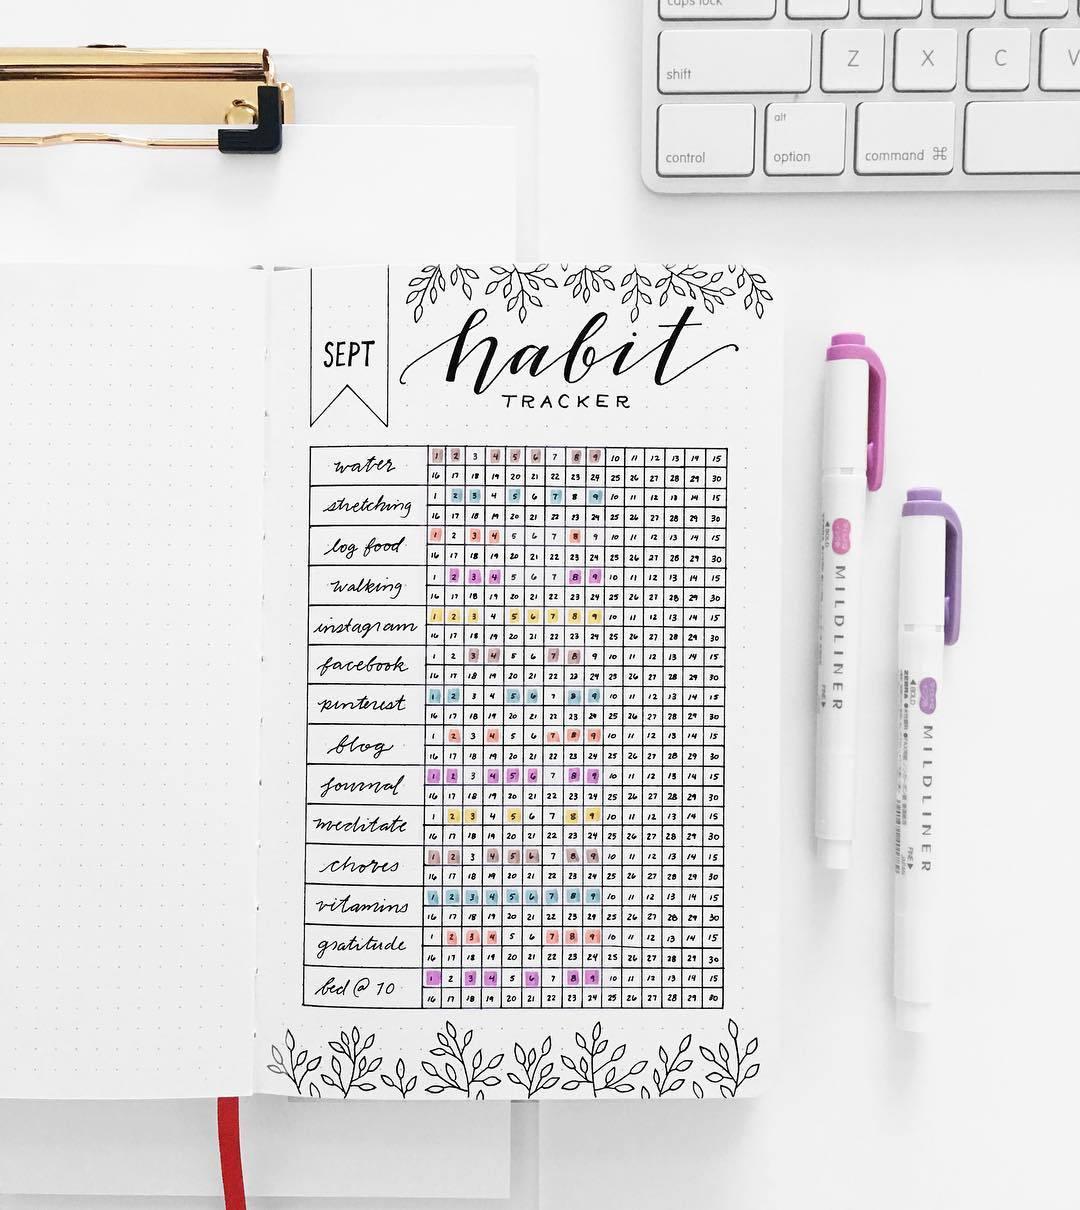 Habit tracker bullet journal idea